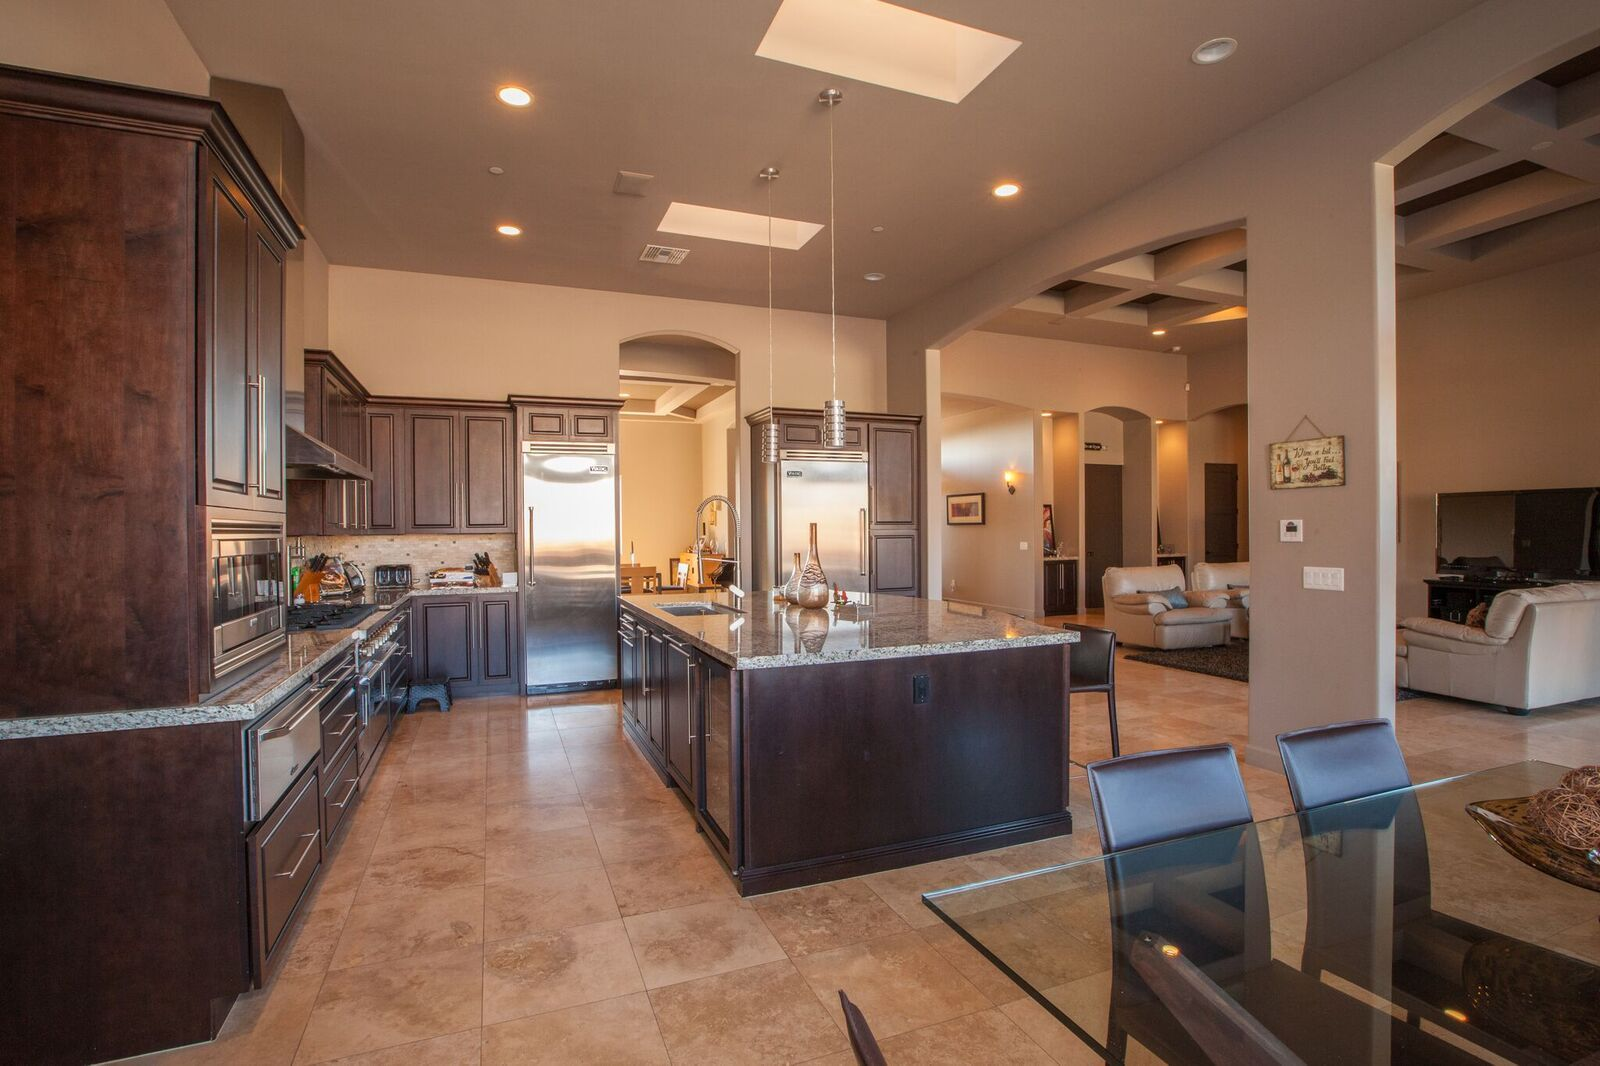 Lieblich There Is So Much To Love In This Luxury Kitchen! #KnippContracting · Beste  KüchenentwürfeLuxusküchenModerne Küchen